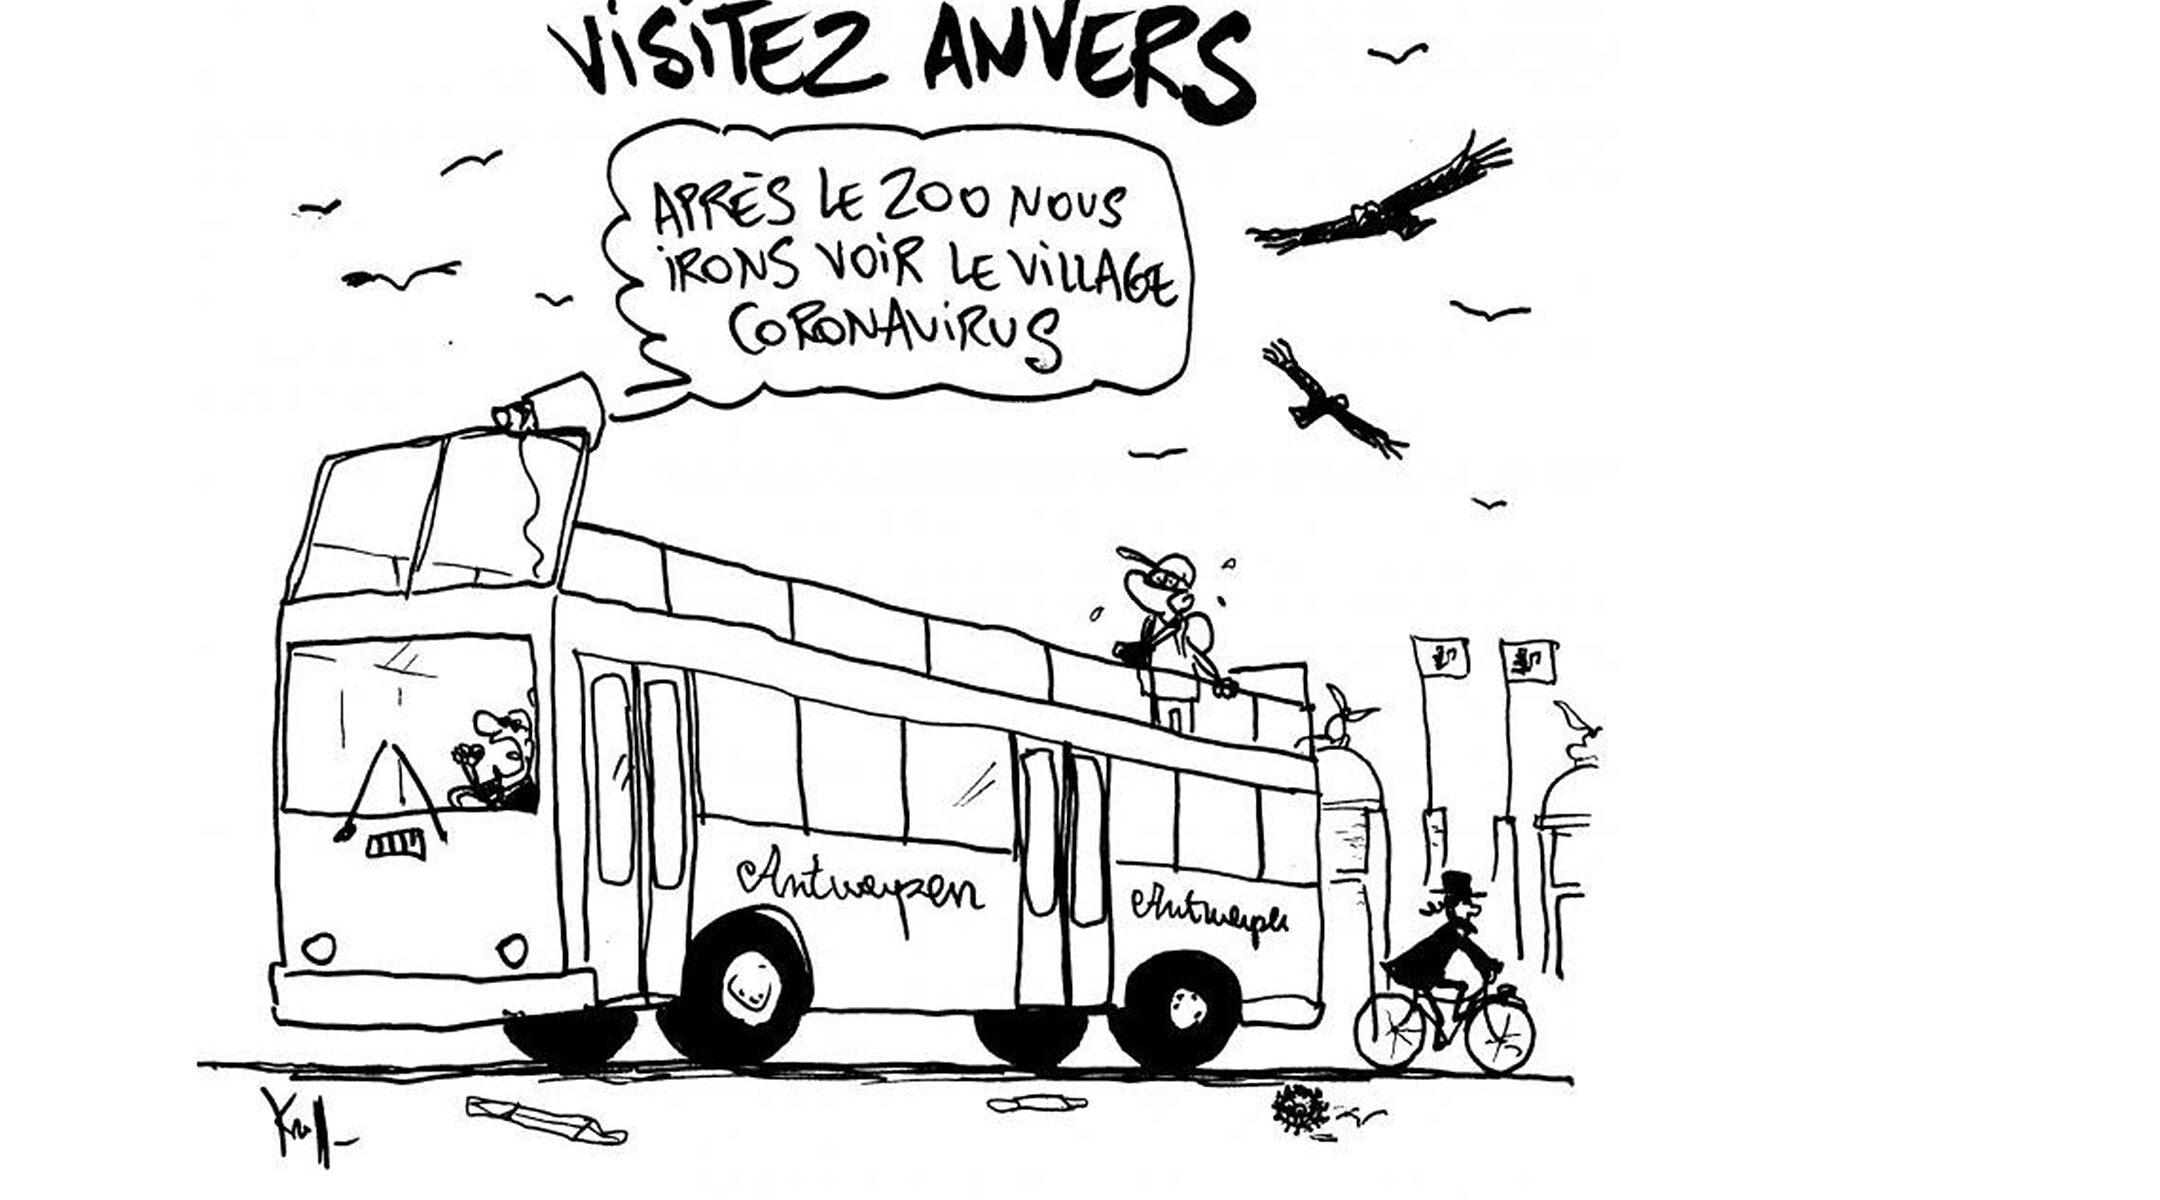 Les vautours survolent un homme juif à Anvers, en Belgique, dans une caricature du 7 août 2020 que les critiques qualifient d'antisémite. (Pierre Kroll / Le Soir)